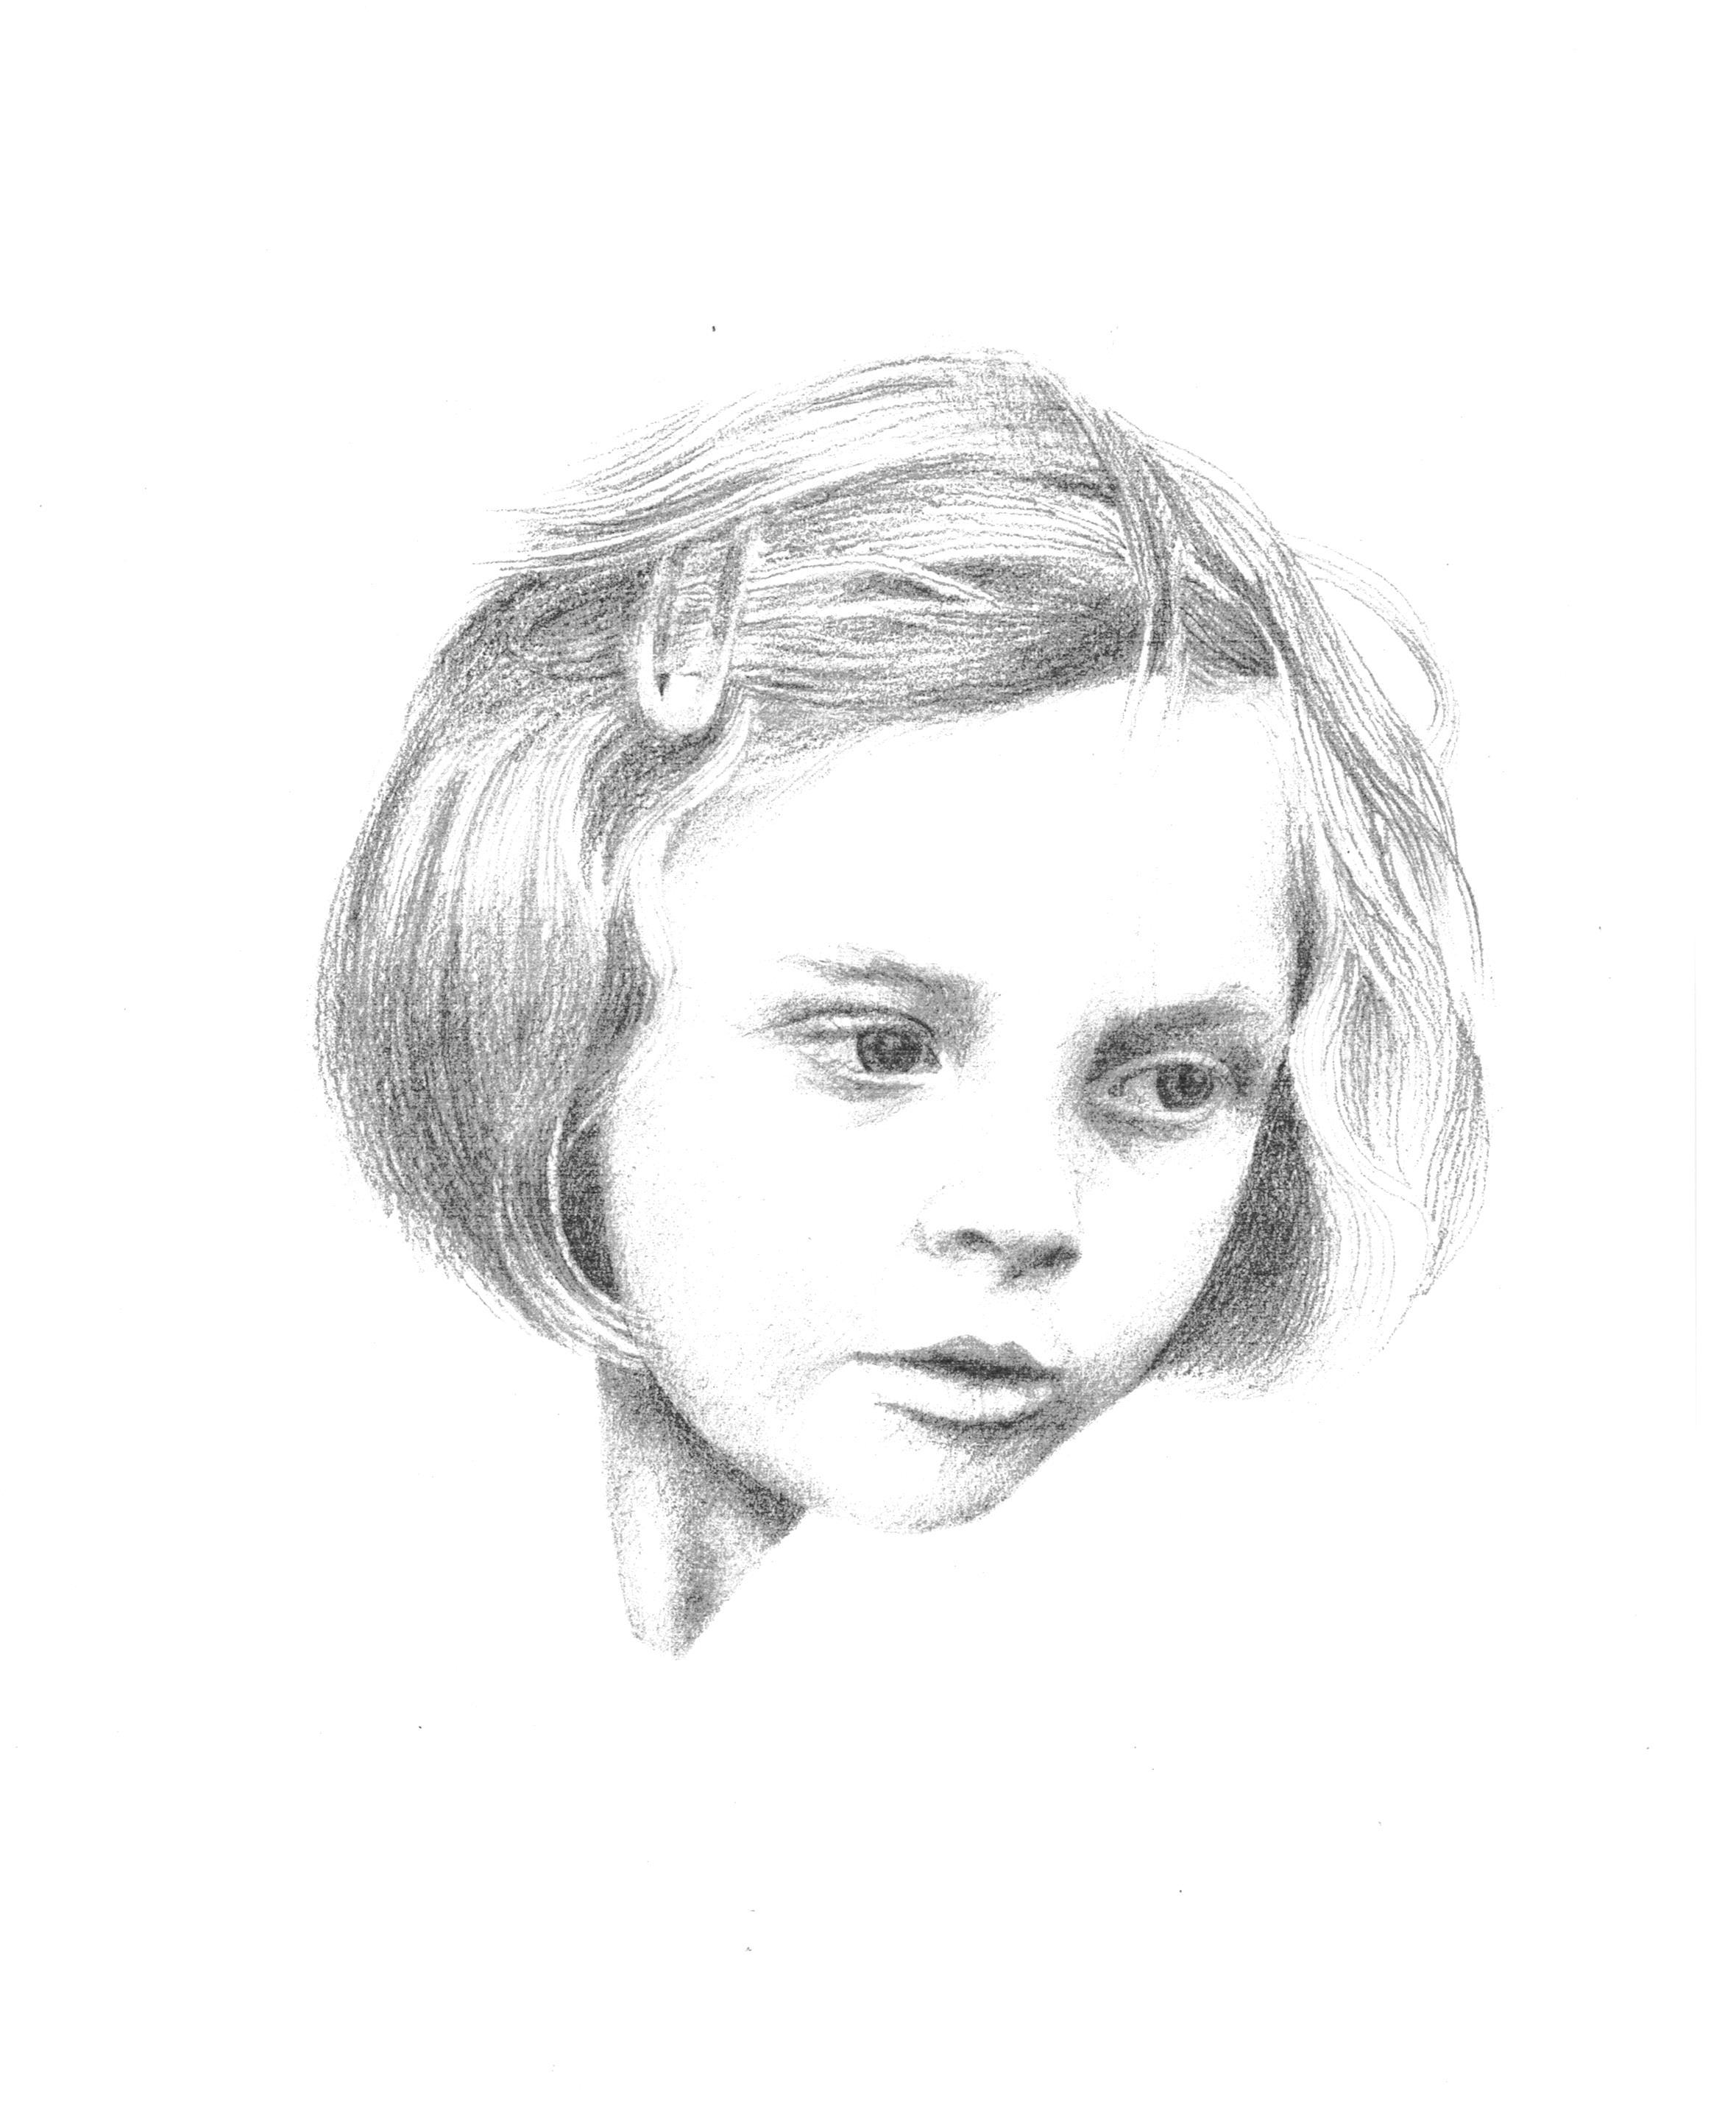 'Amelia' by Toni Hayden, pencil drawing, 2013